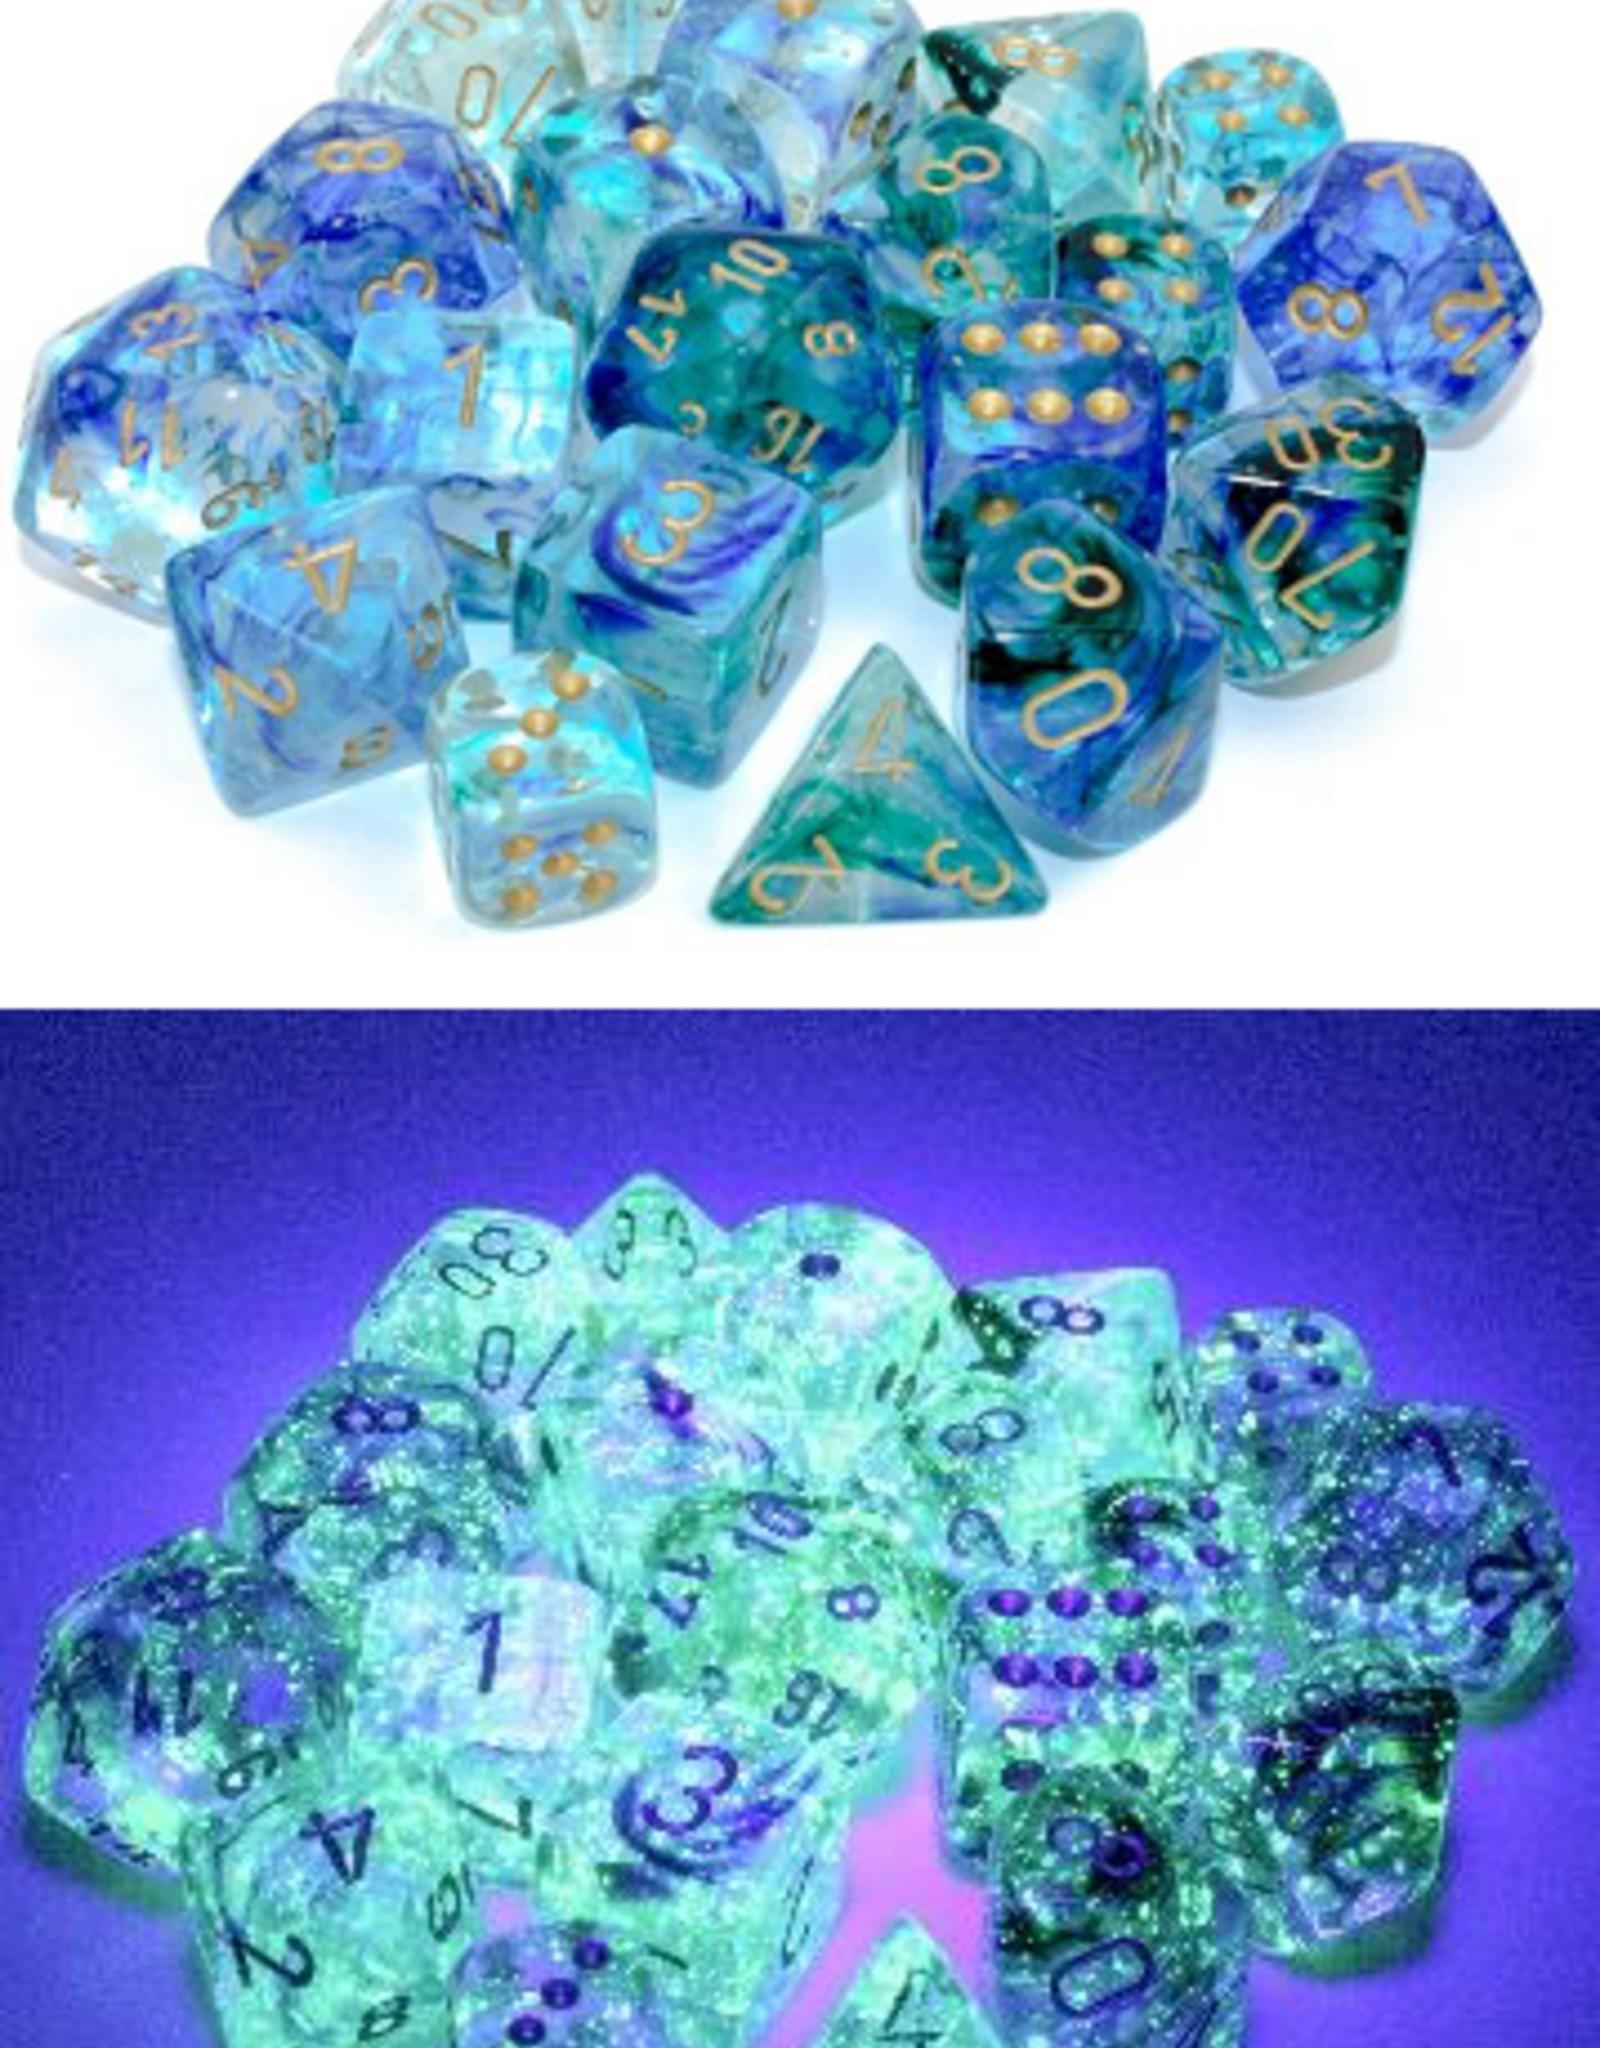 Chessex Chessex 7-Die set Nebula Luminary - Oceanic/Gold